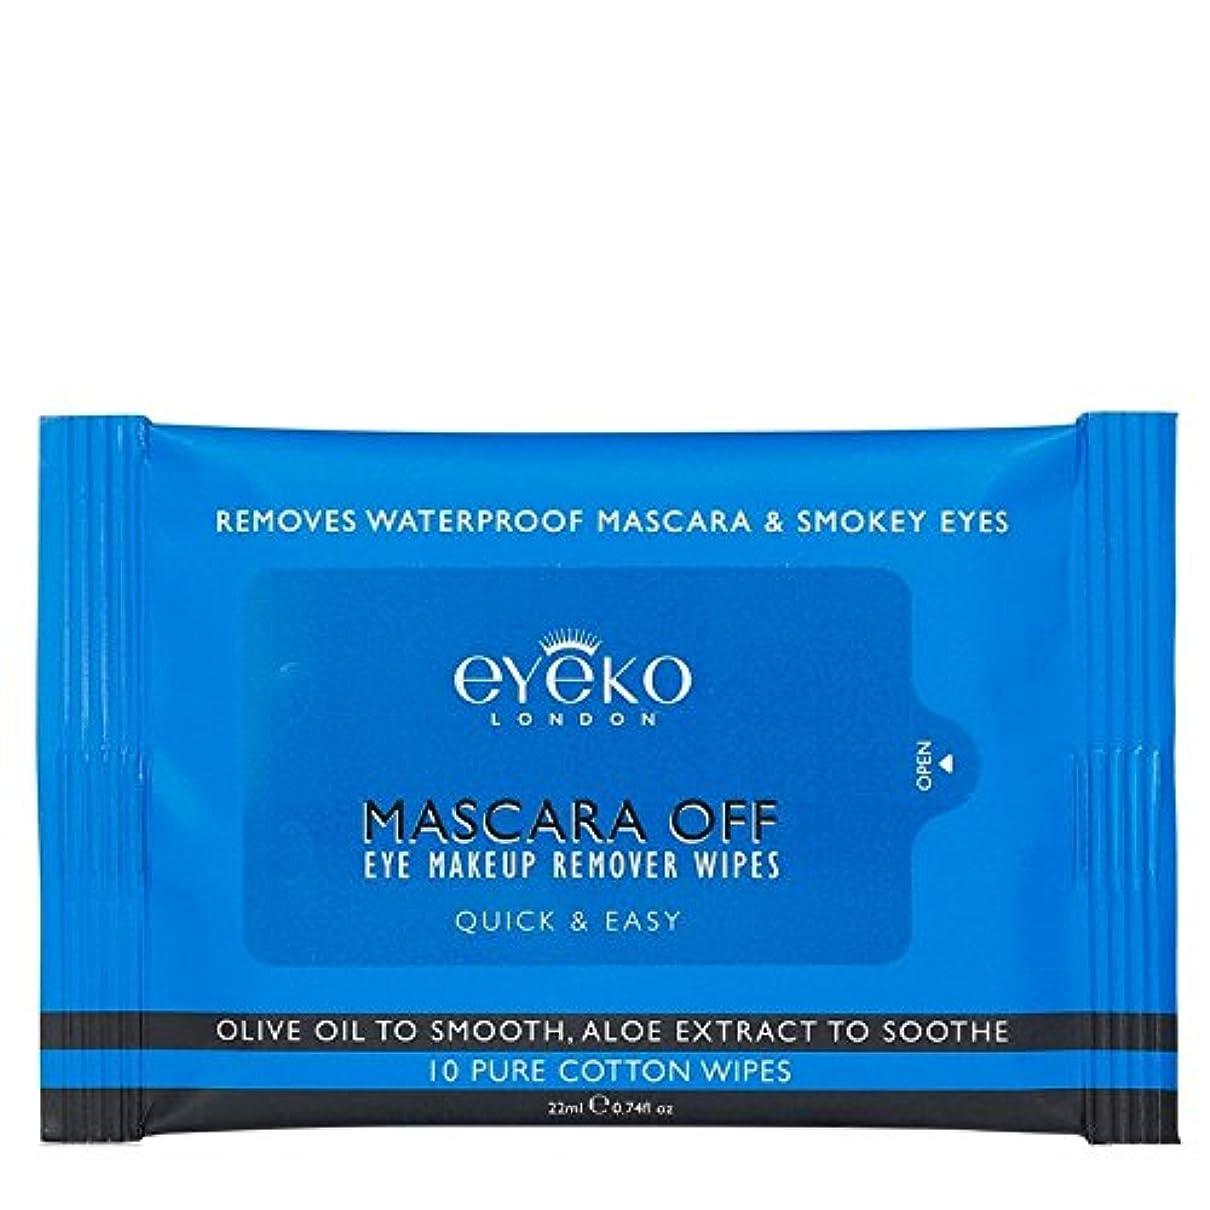 変装した敵対的刻むマスカラオフパックあたり10ワイプ x4 - Eyeko Mascara off Wipes 10 per pack (Pack of 4) [並行輸入品]